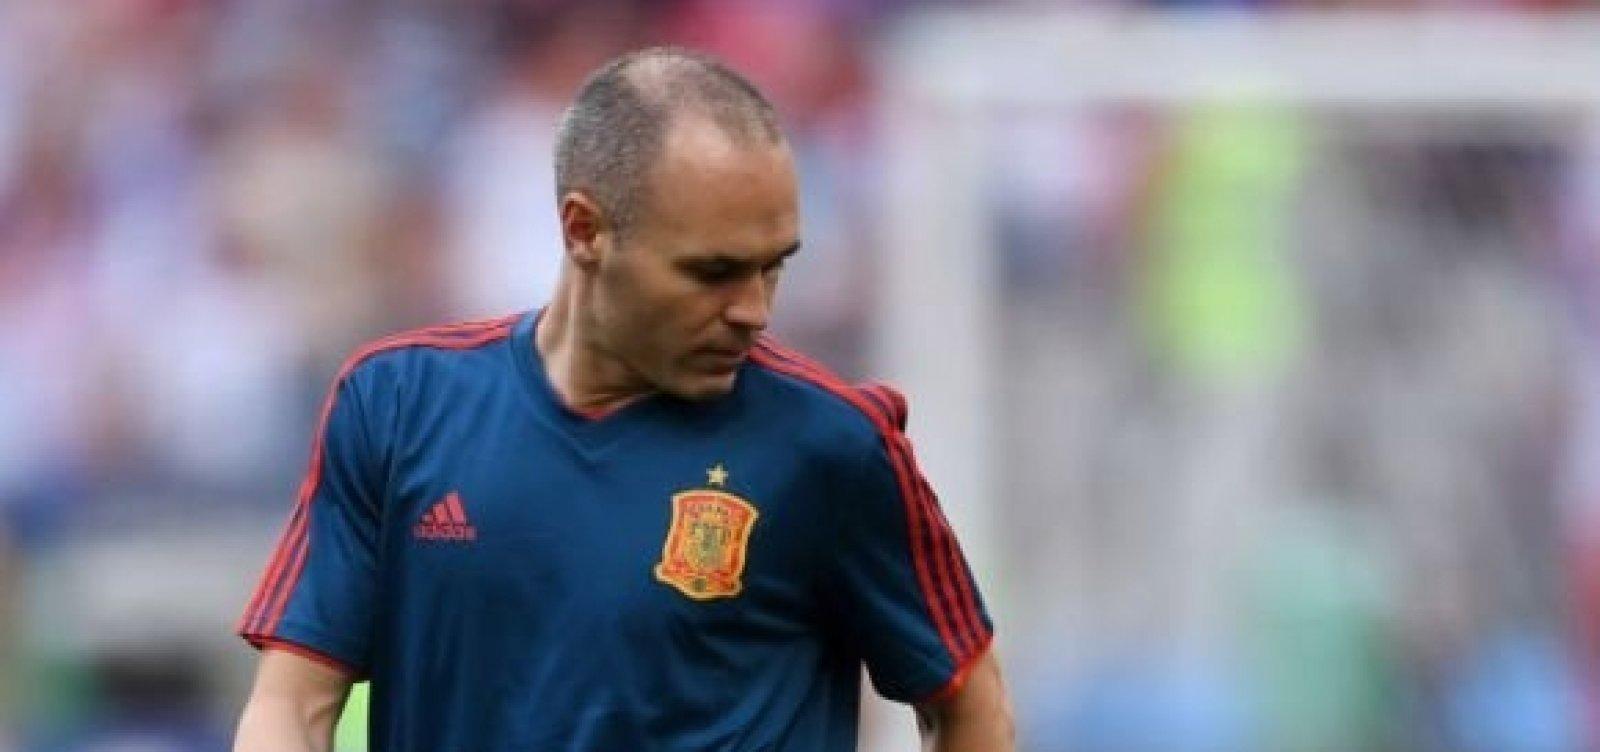 dabafa5631 Iniesta anuncia aposentadoria da seleção espanhola após eliminação ...